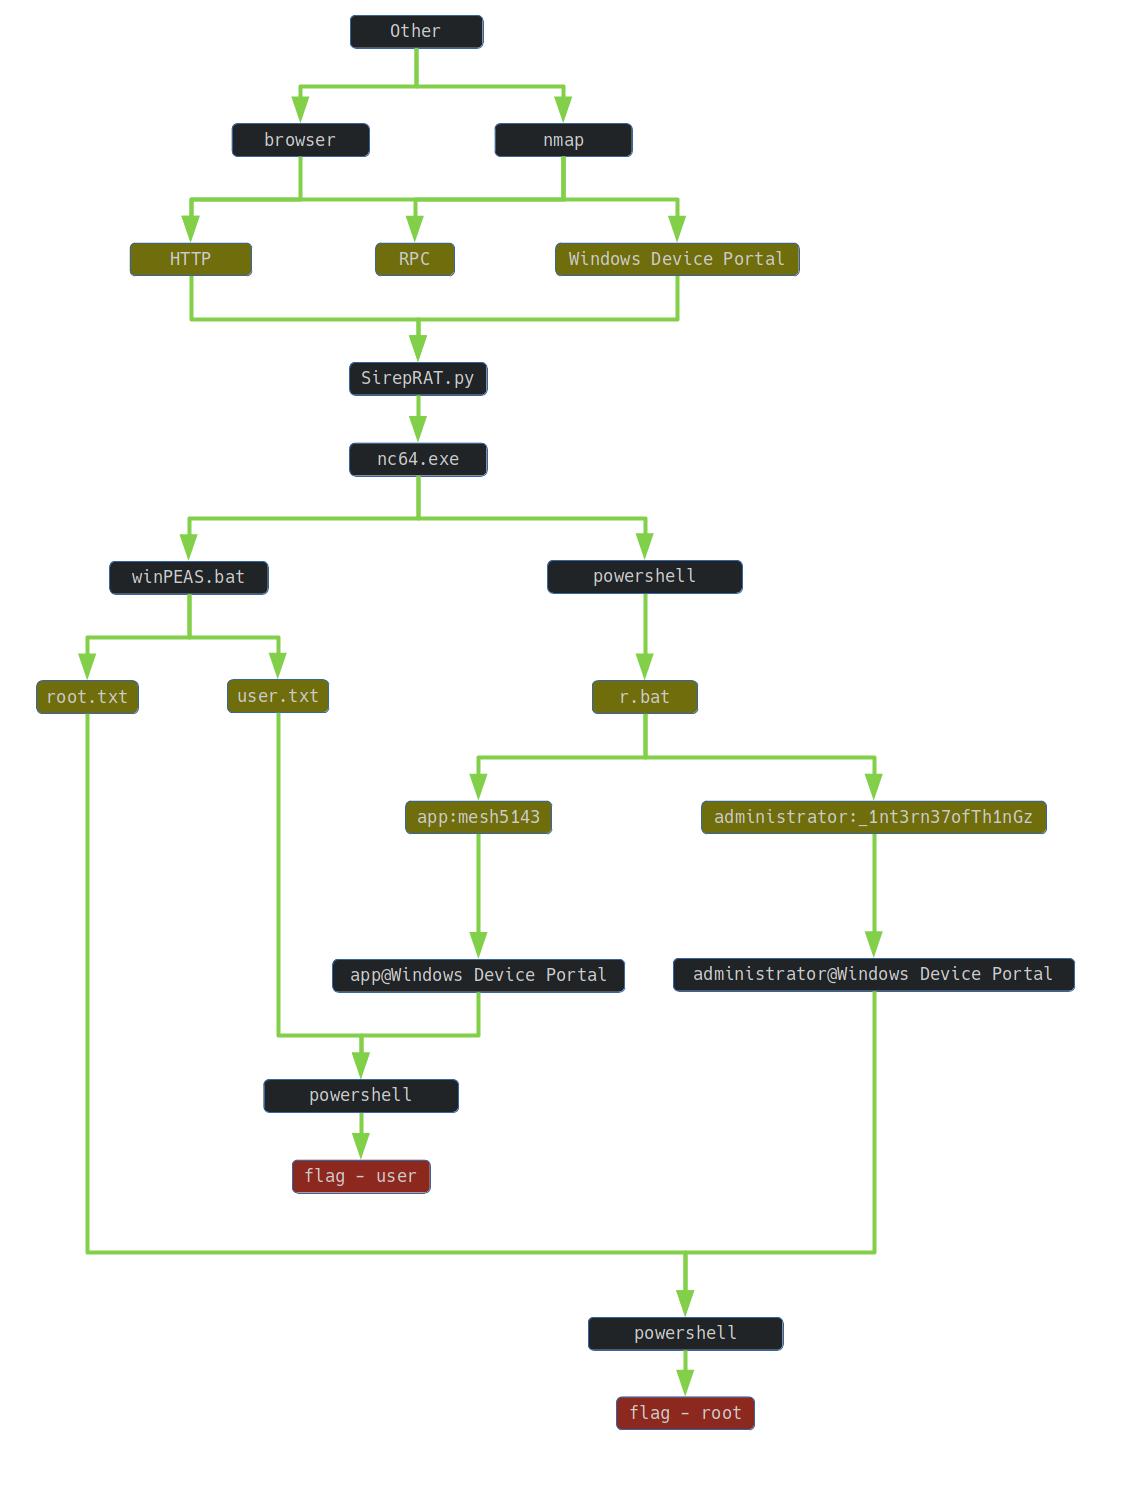 Omni graph